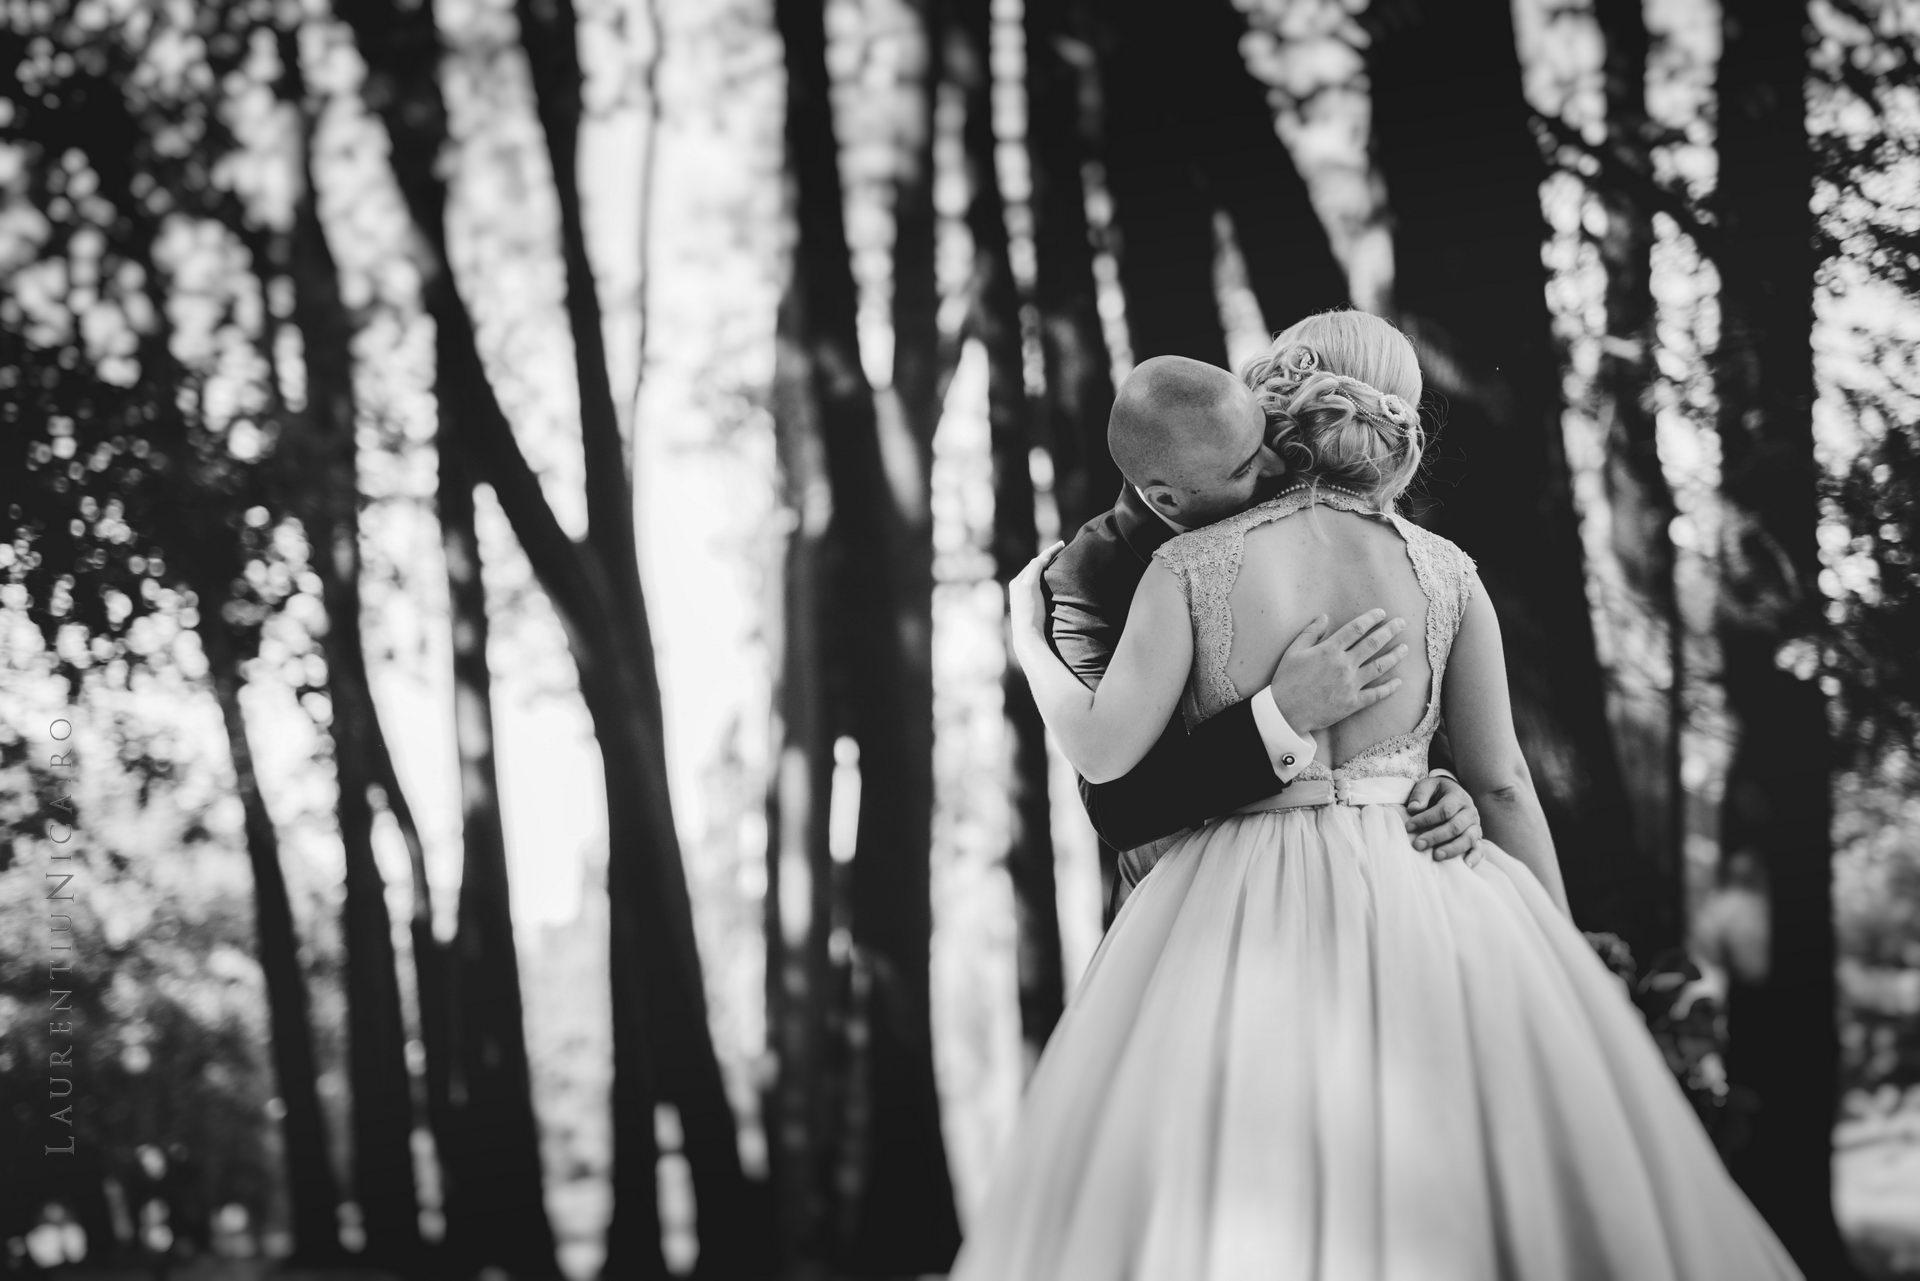 lavinia si adi fotograf laurentiu nica craiova 031 - Lavinia & Adi | Fotografii nunta